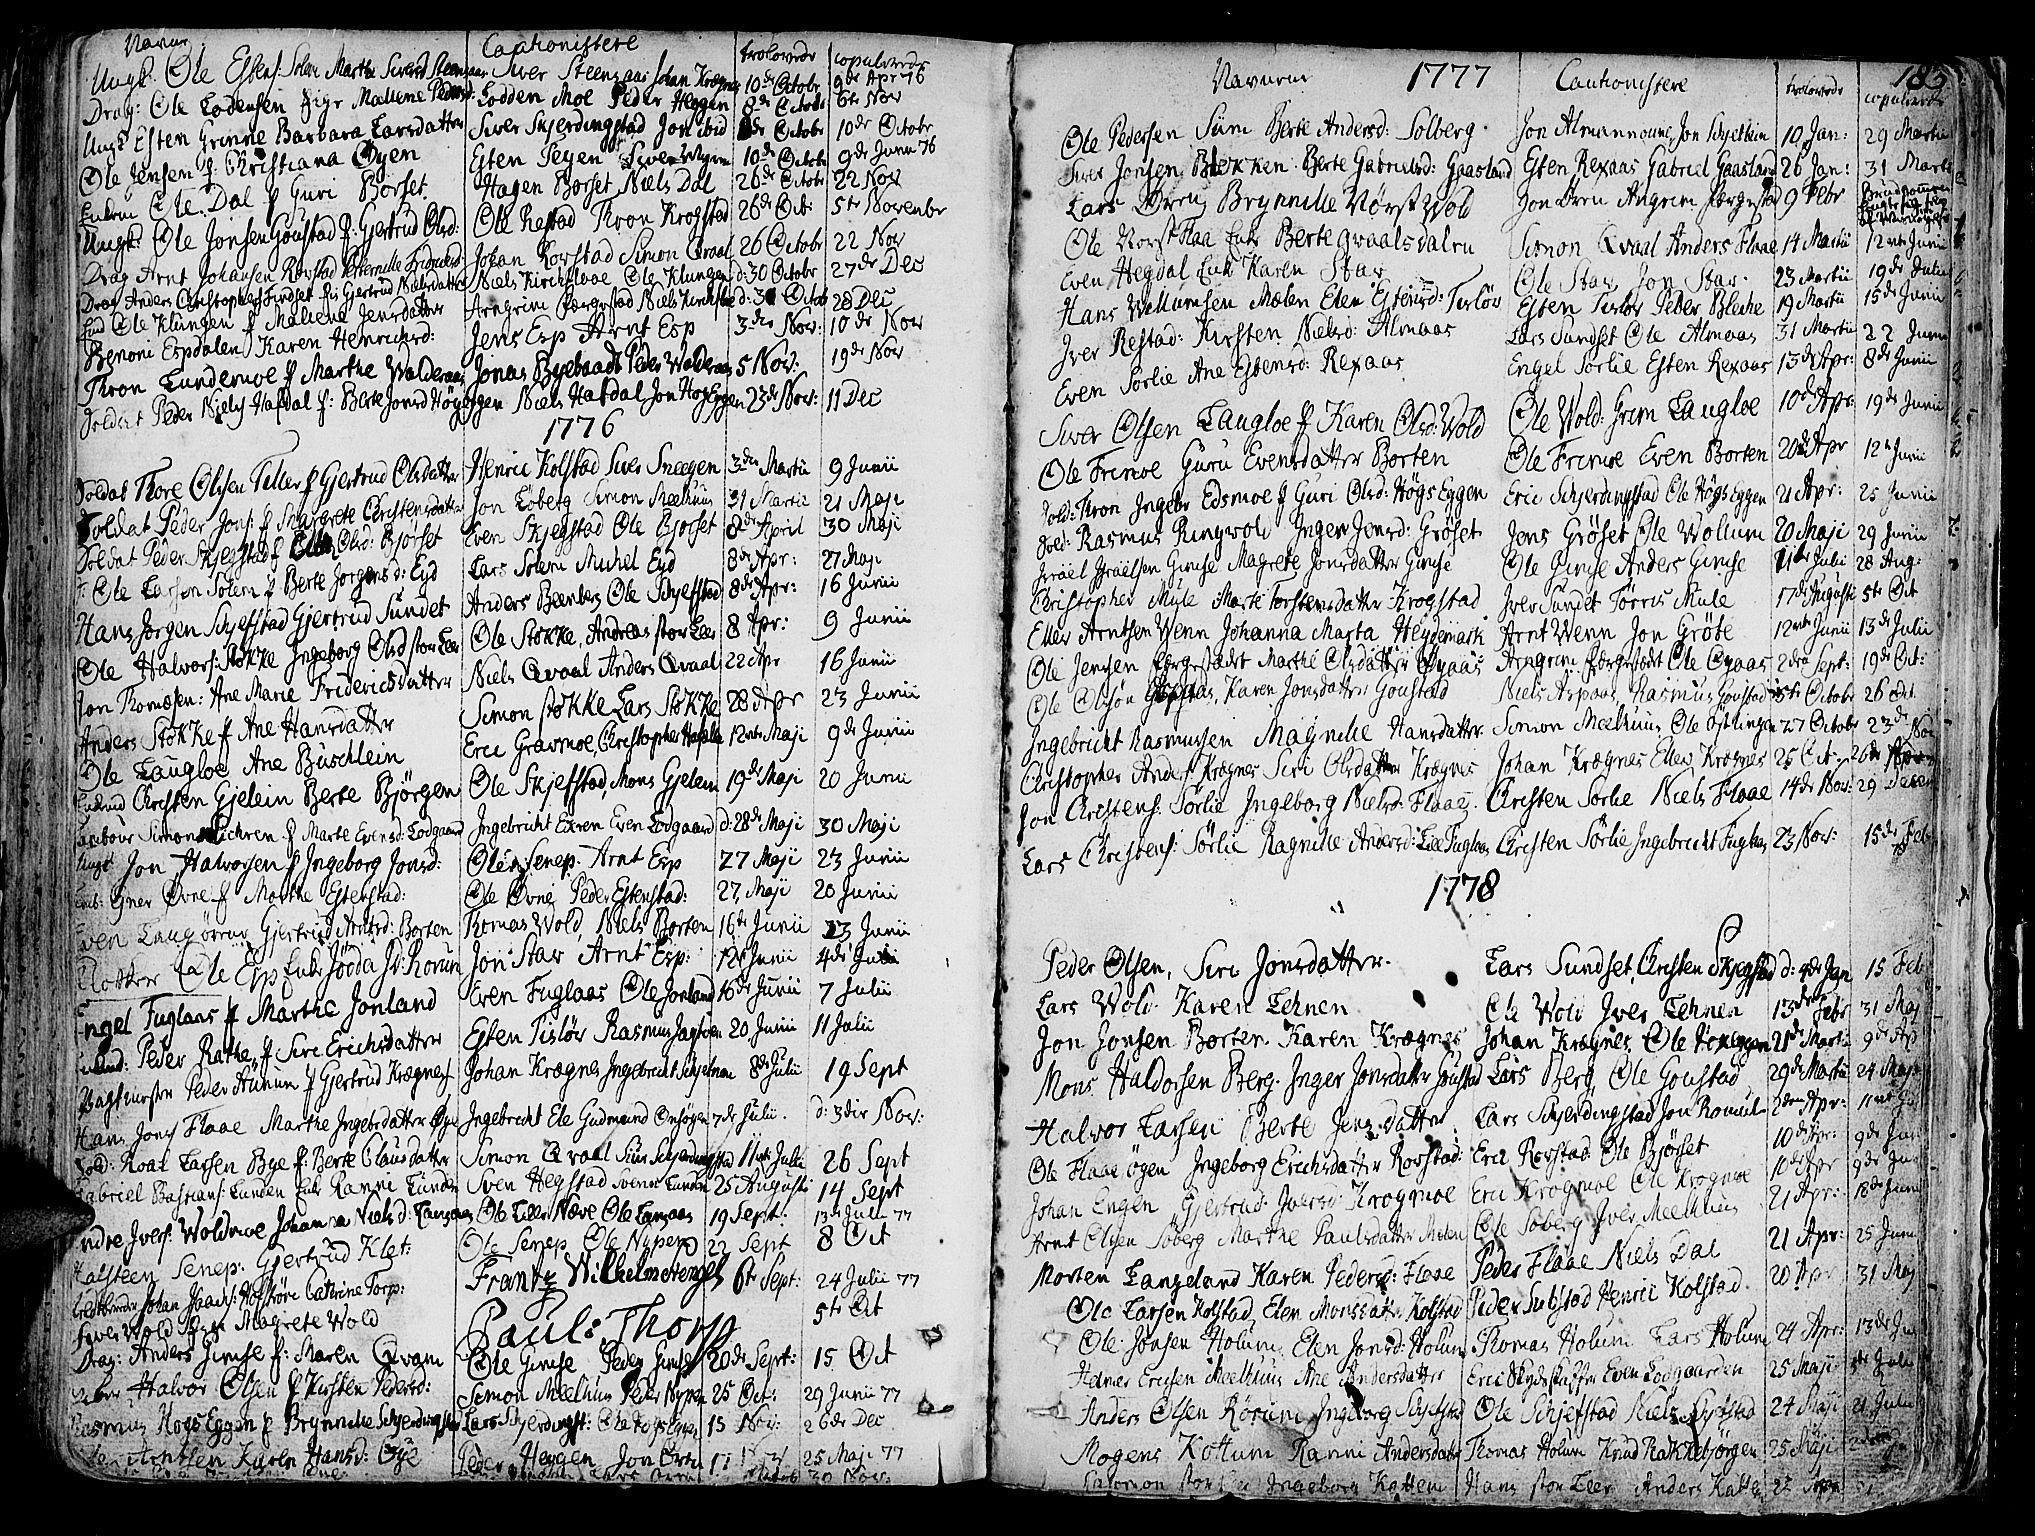 SAT, Ministerialprotokoller, klokkerbøker og fødselsregistre - Sør-Trøndelag, 691/L1061: Ministerialbok nr. 691A02 /1, 1768-1815, s. 183